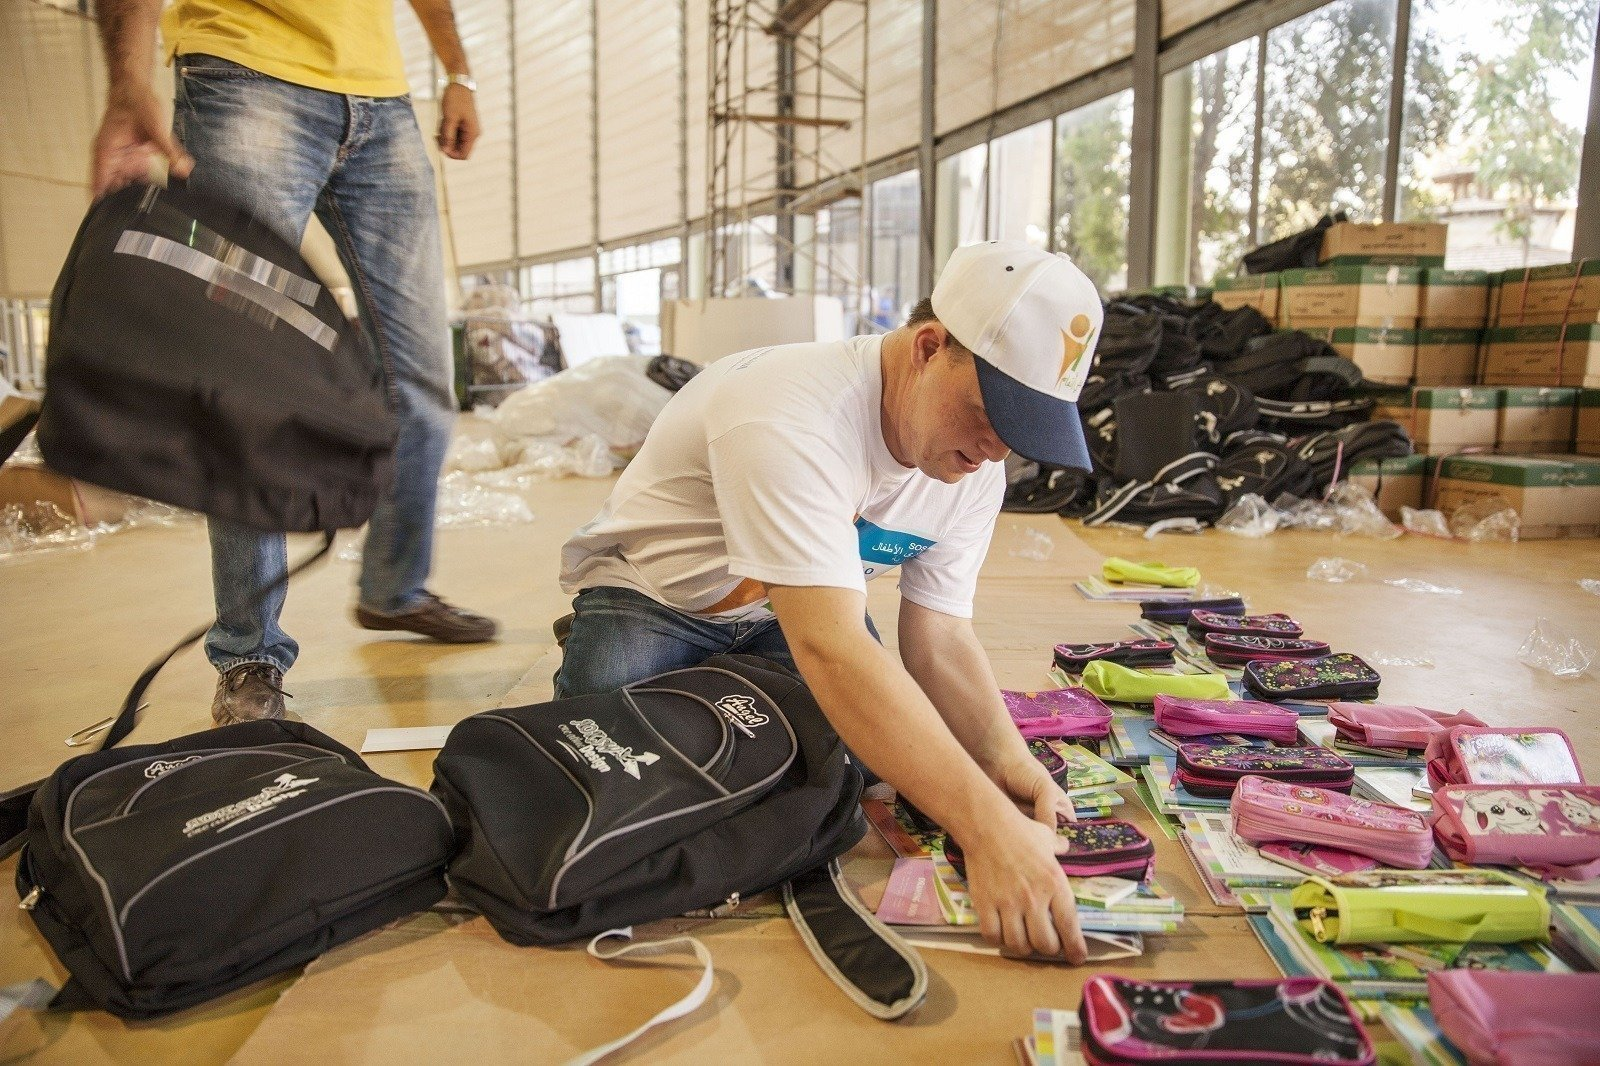 Un collaboratore volontario SOS prepara il materiale scolastico da distribuire a bambini di Damasco sfollati interni.